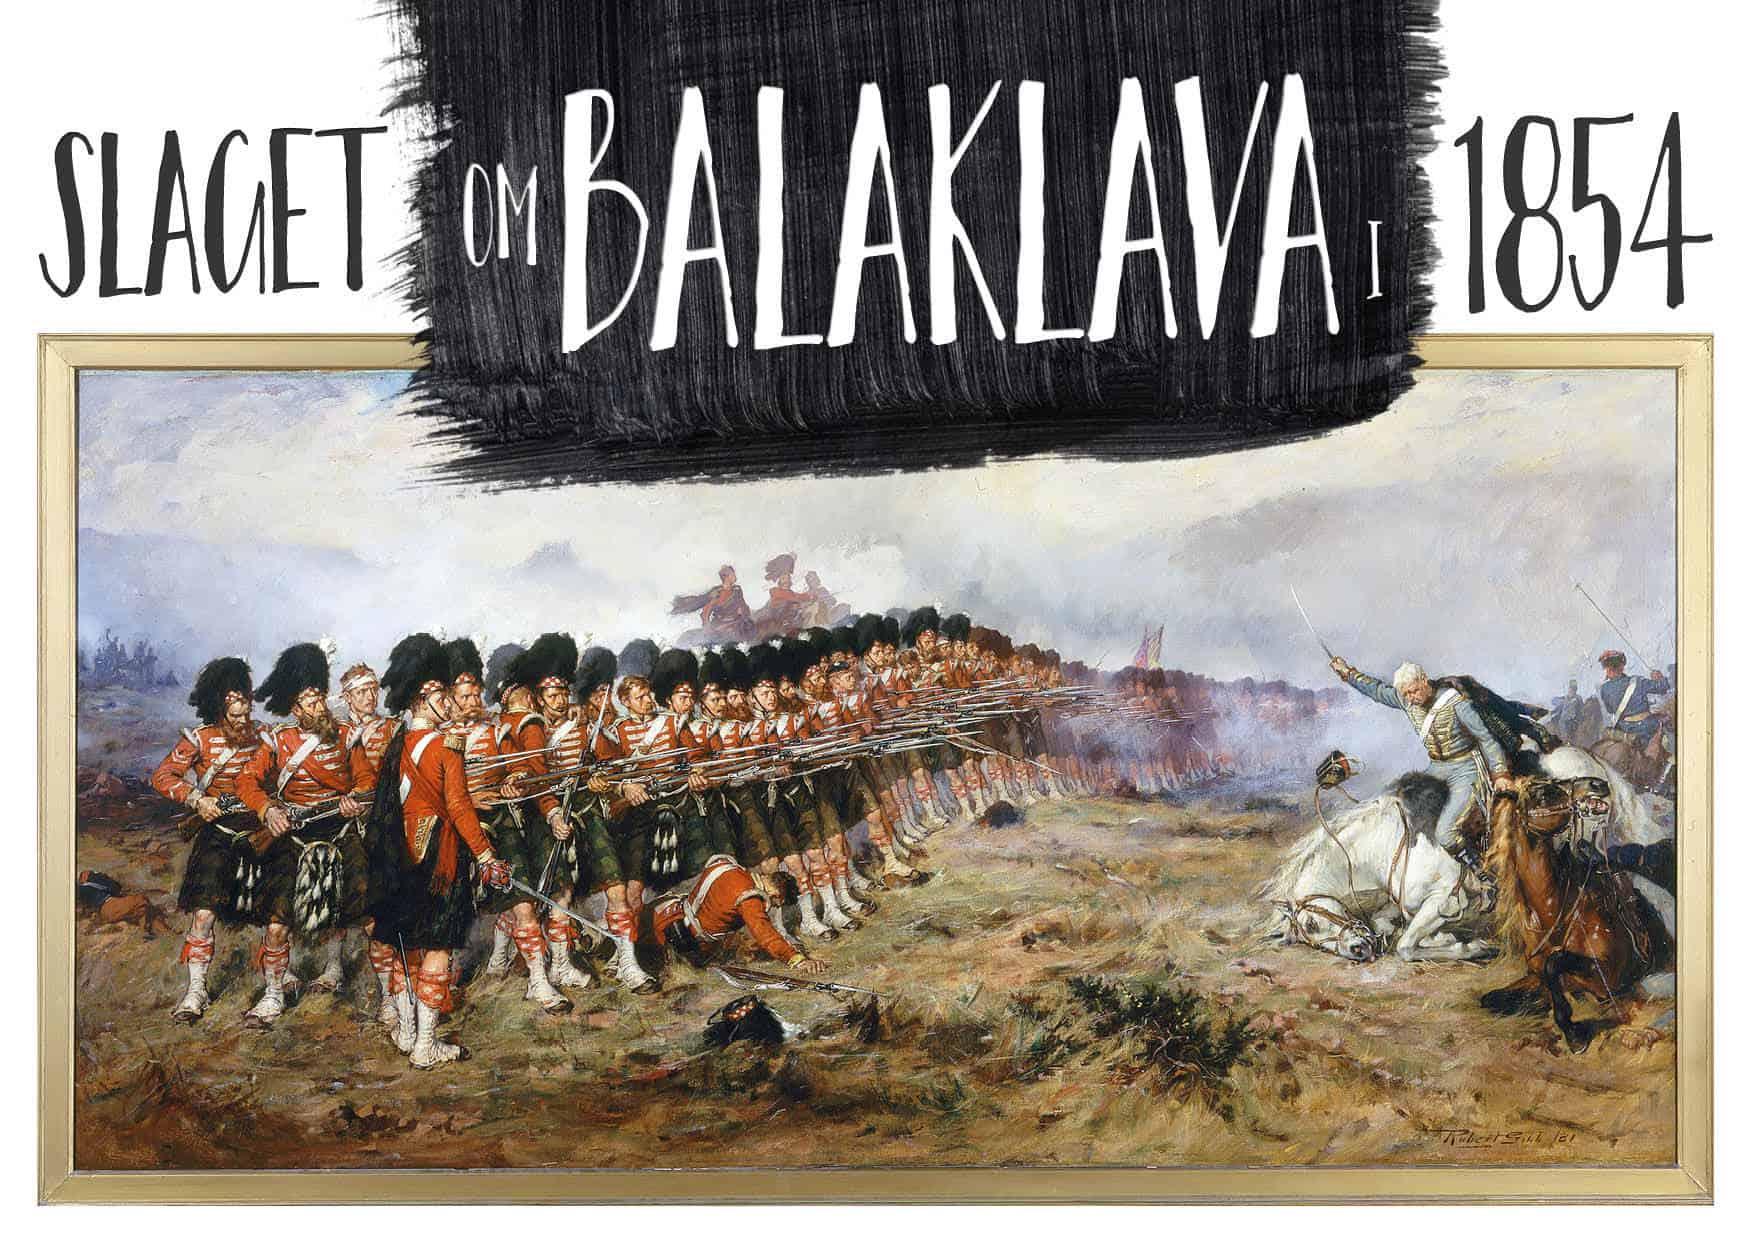 Slaget om Balaklava i 1854